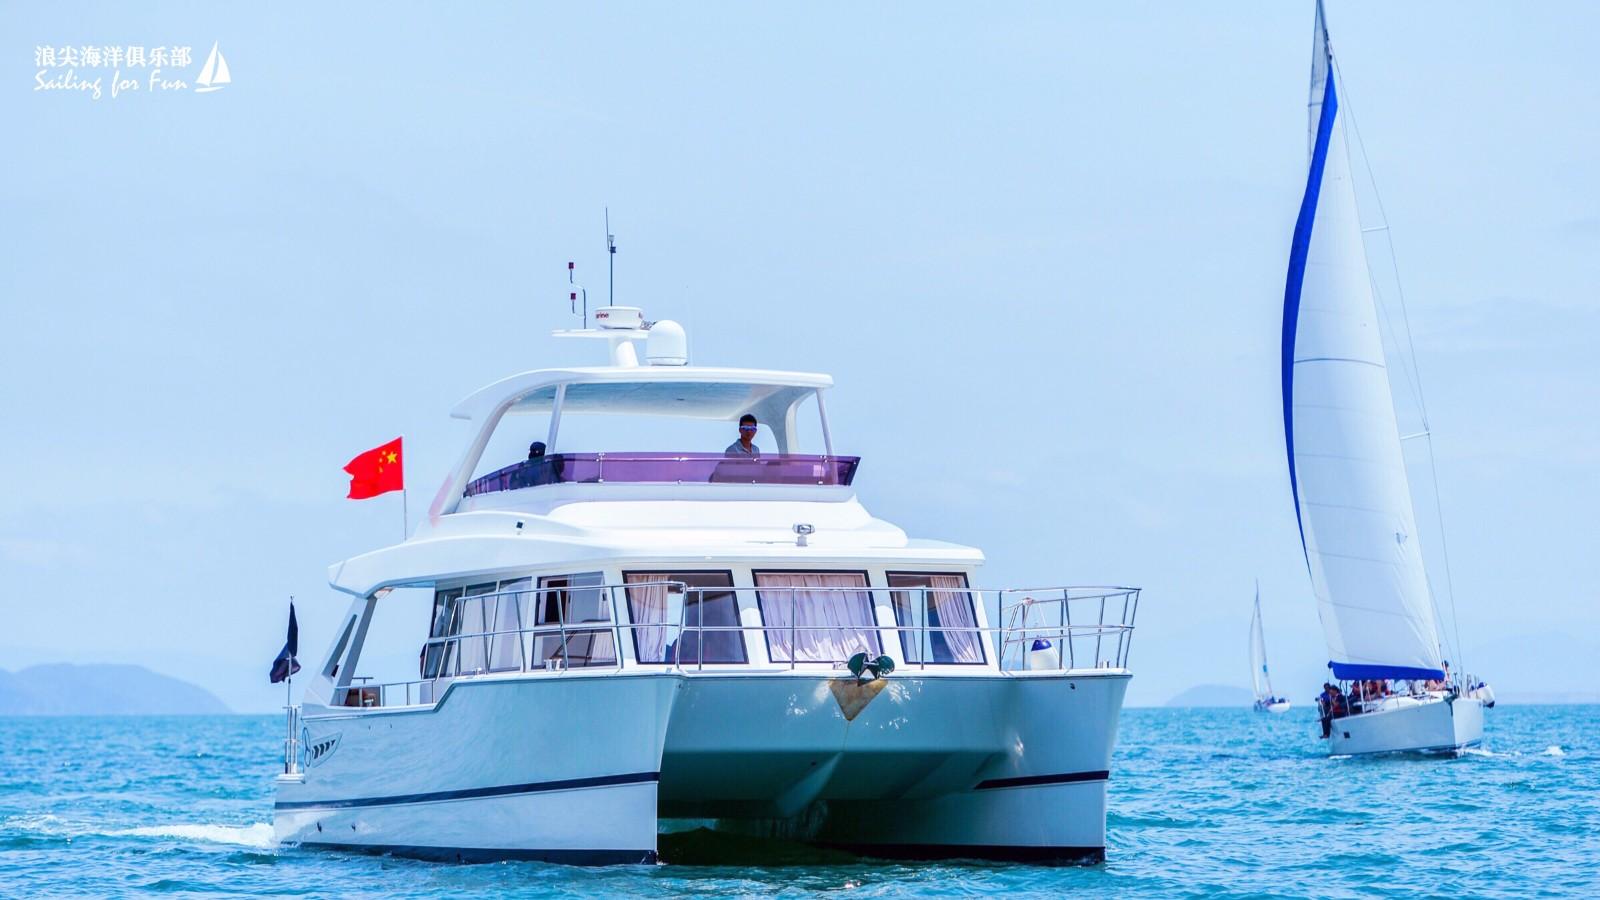 nbsp,出海,游艇,价格,体验 假期来了!豪华双体游艇出海怎么玩?  095156wuyrhozjc82df66c